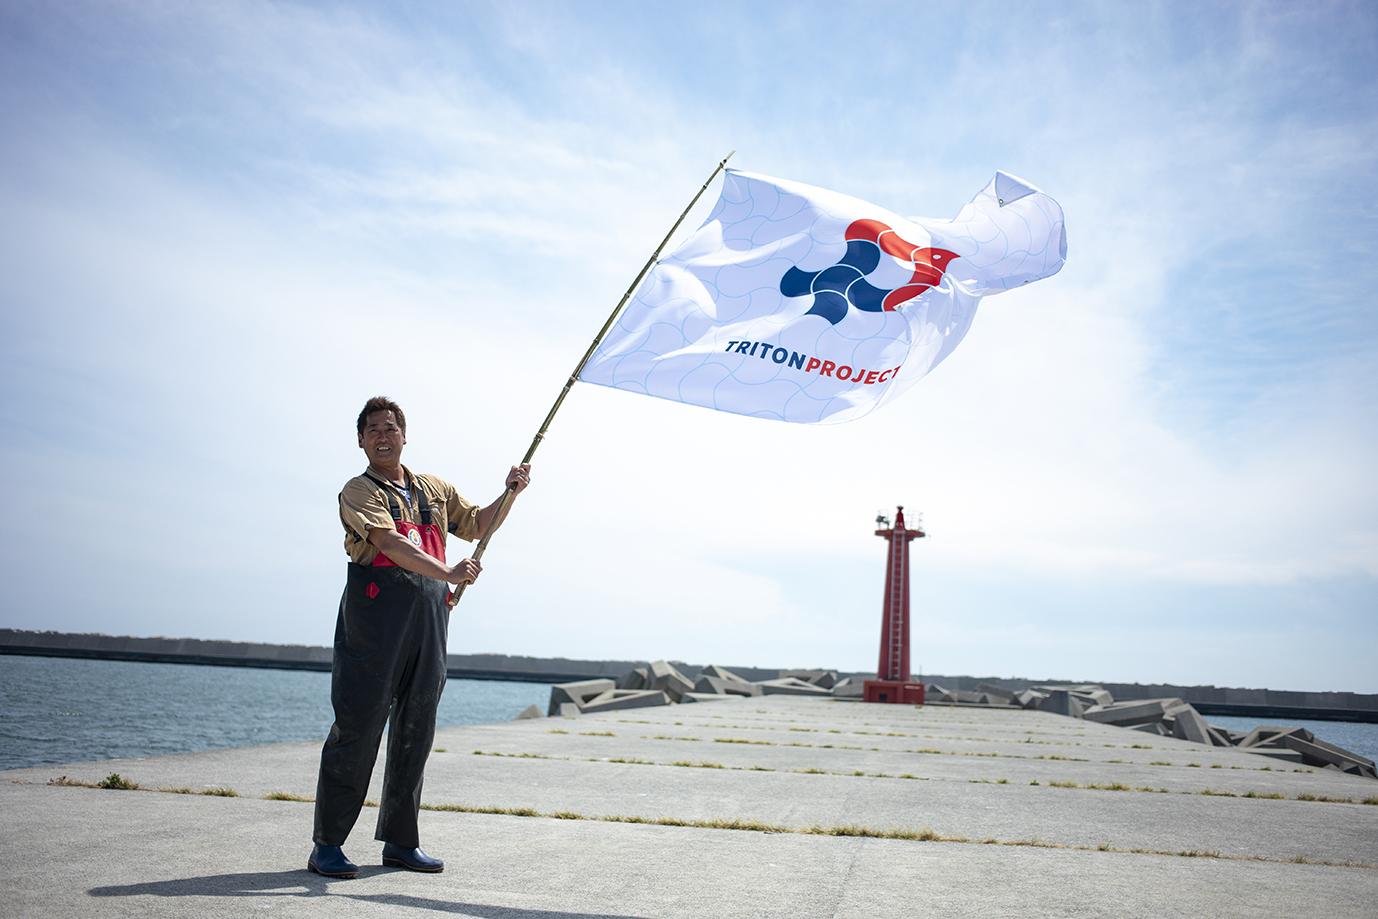 【石巻地区/海苔養殖】集え若者。希望の旗を掲げよう。